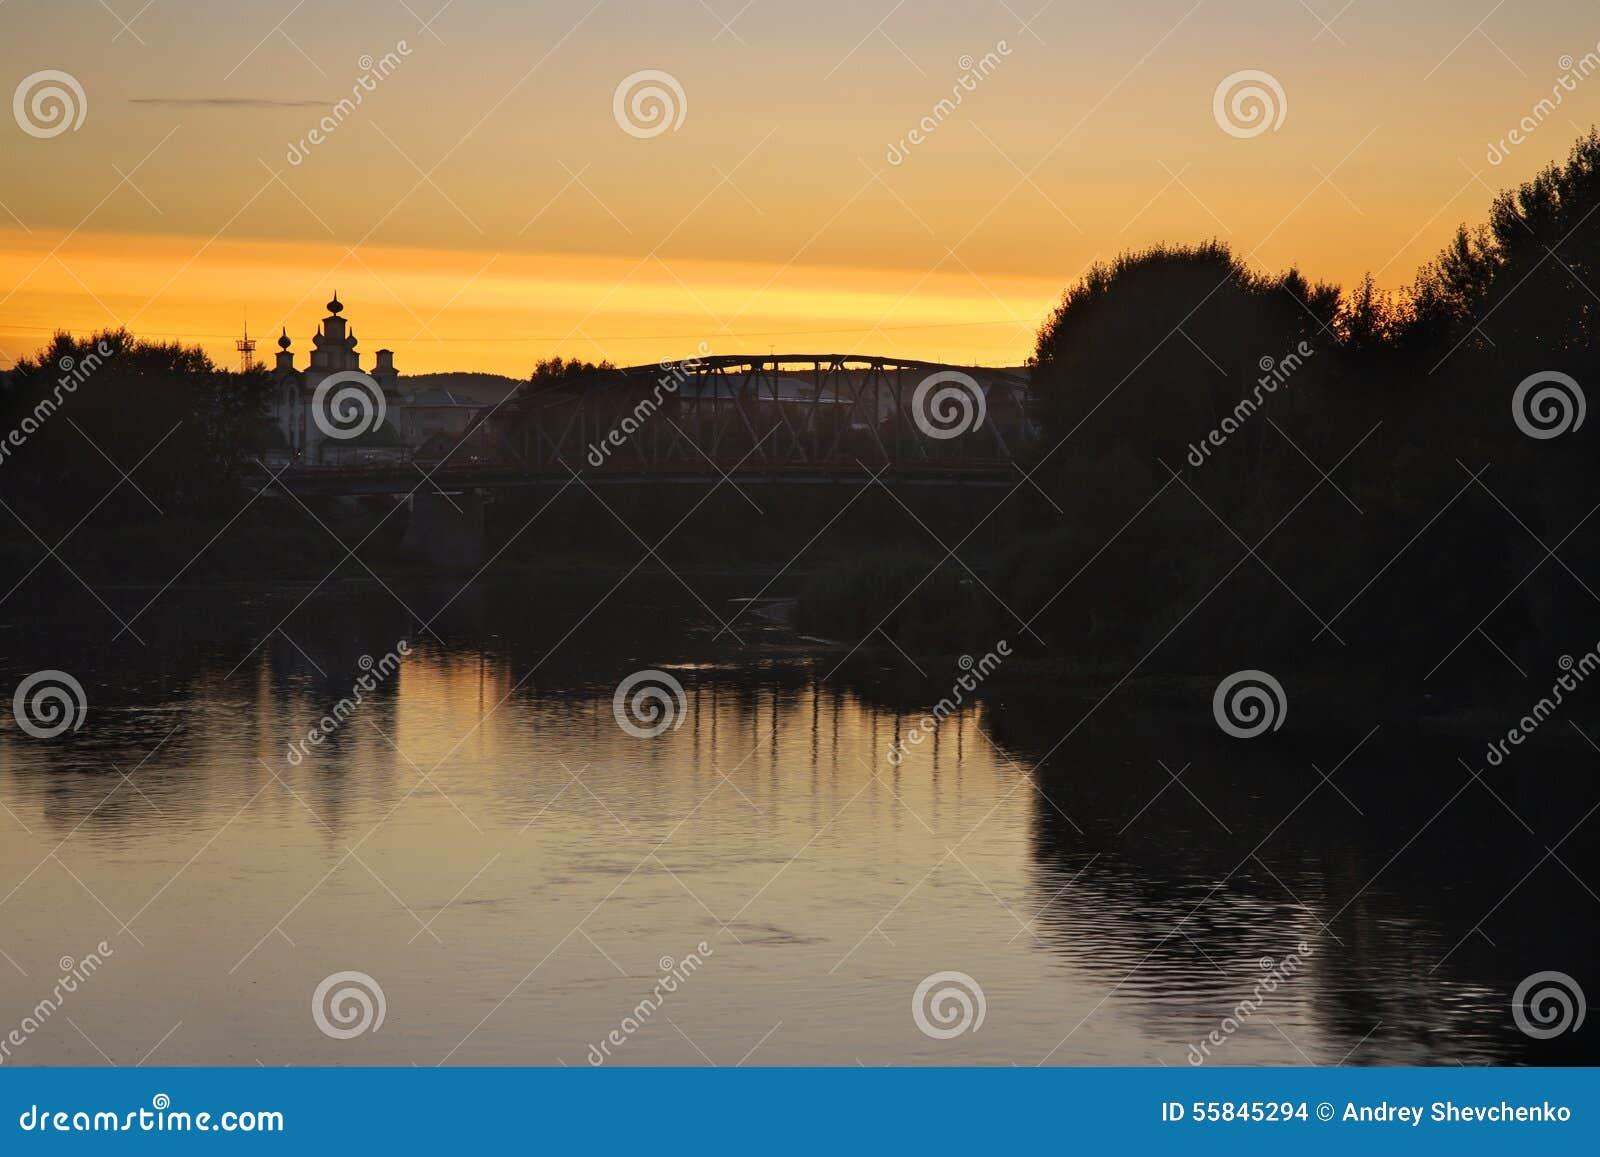 Rio do Sylva em Kungur Perm Krai Rússia